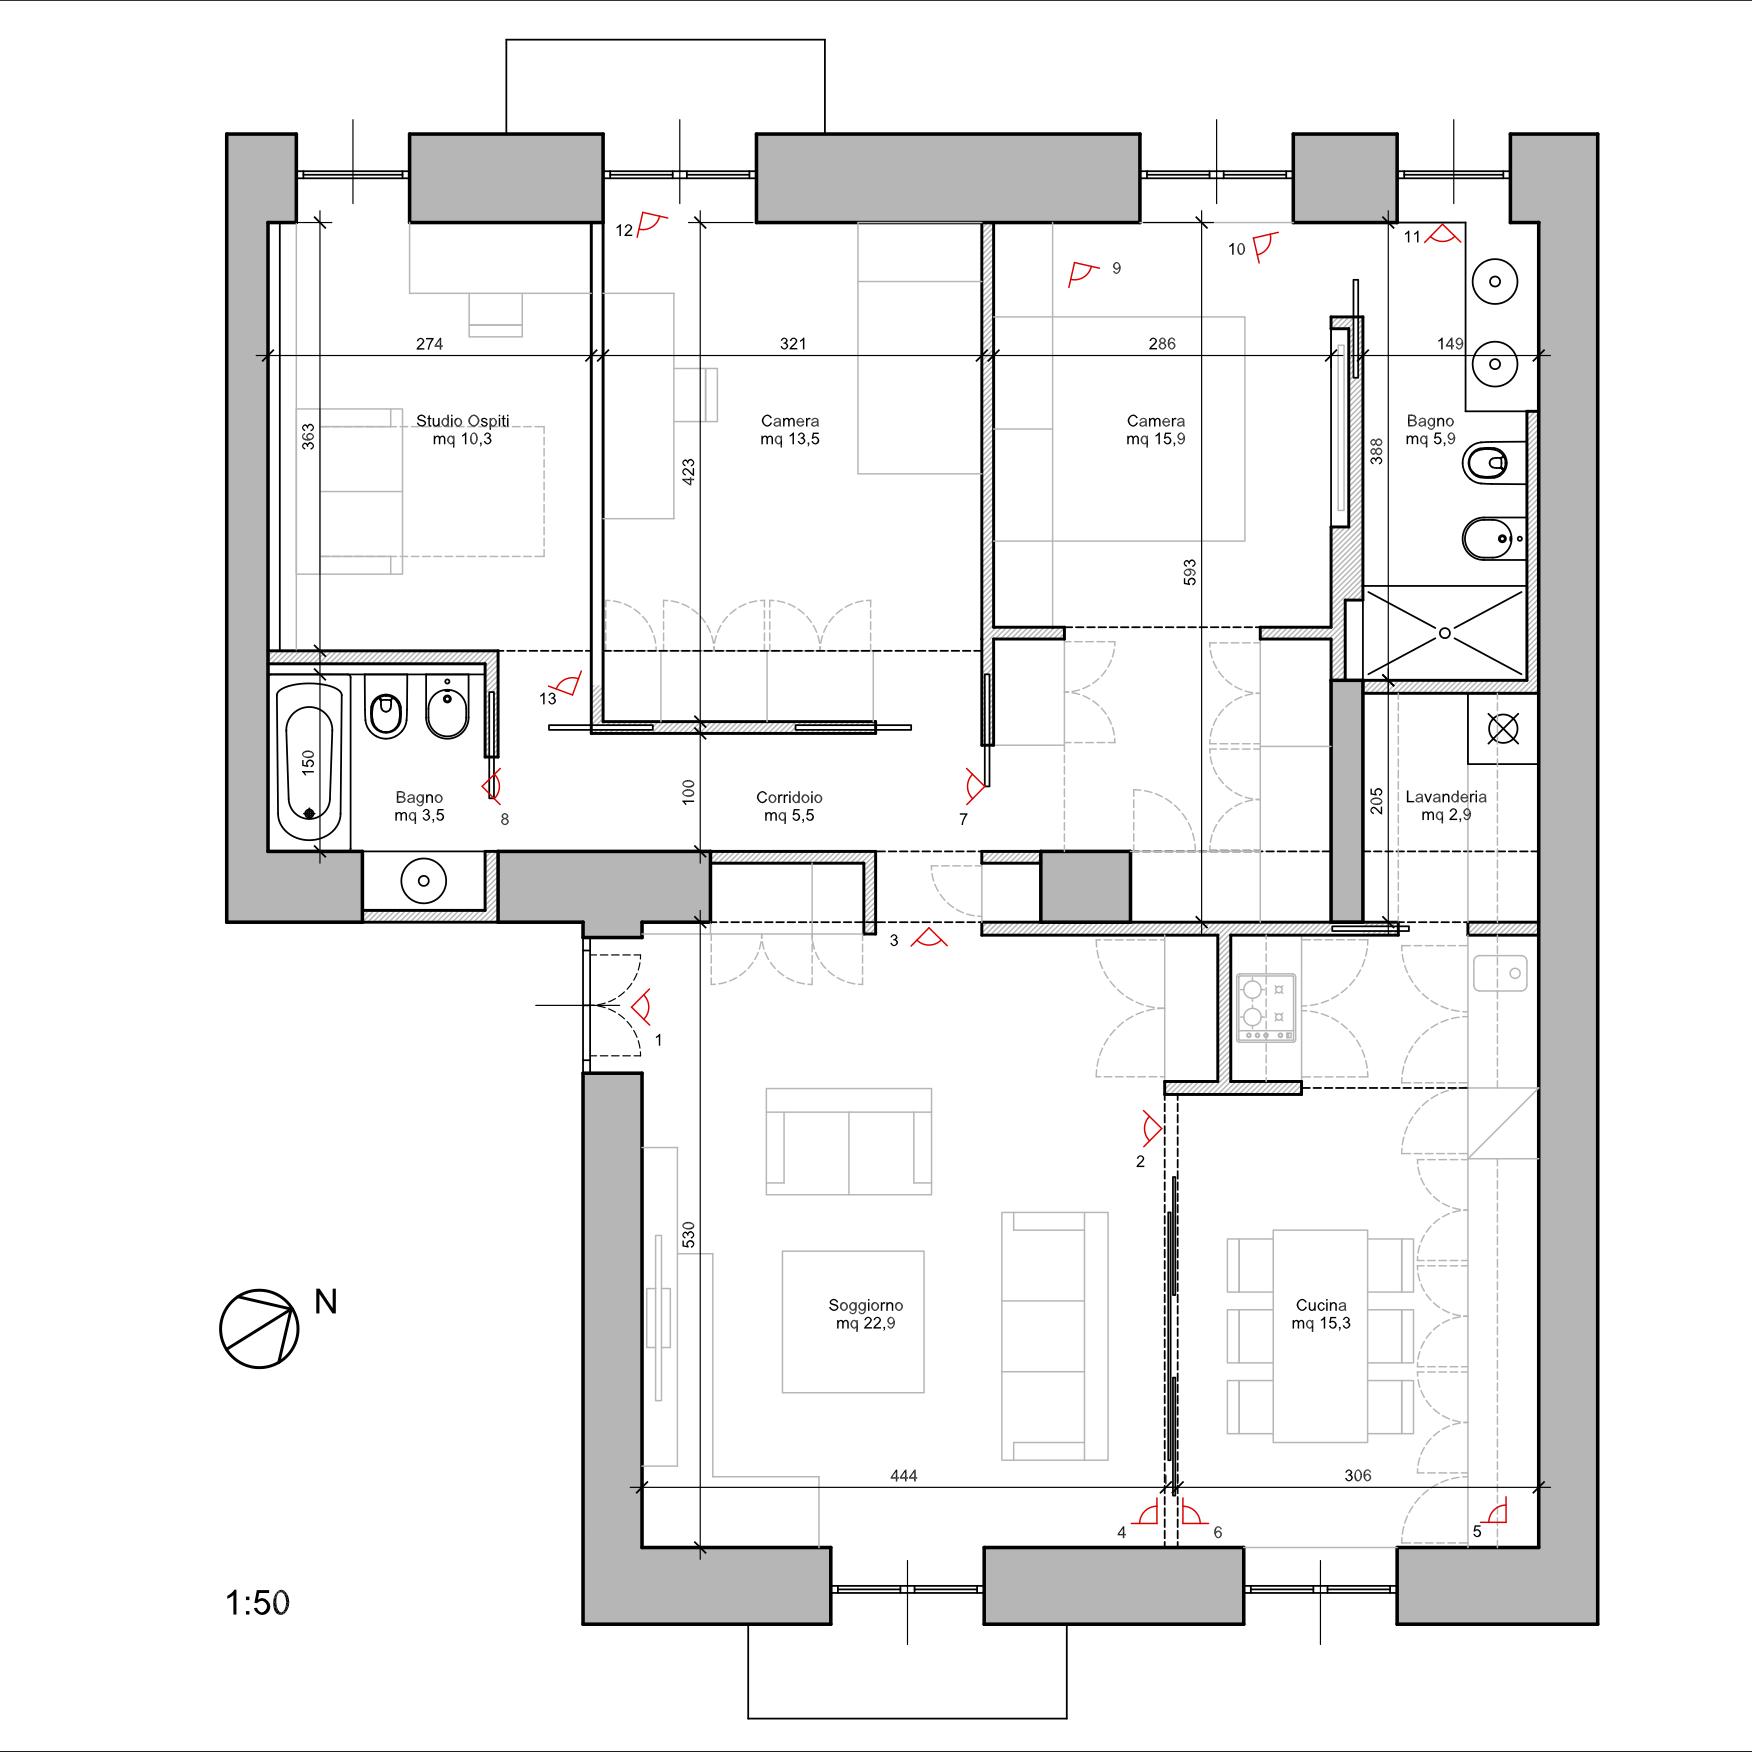 15 idee per ristrutturare un appartamento da cima a fondo for Progetti per ristrutturare casa